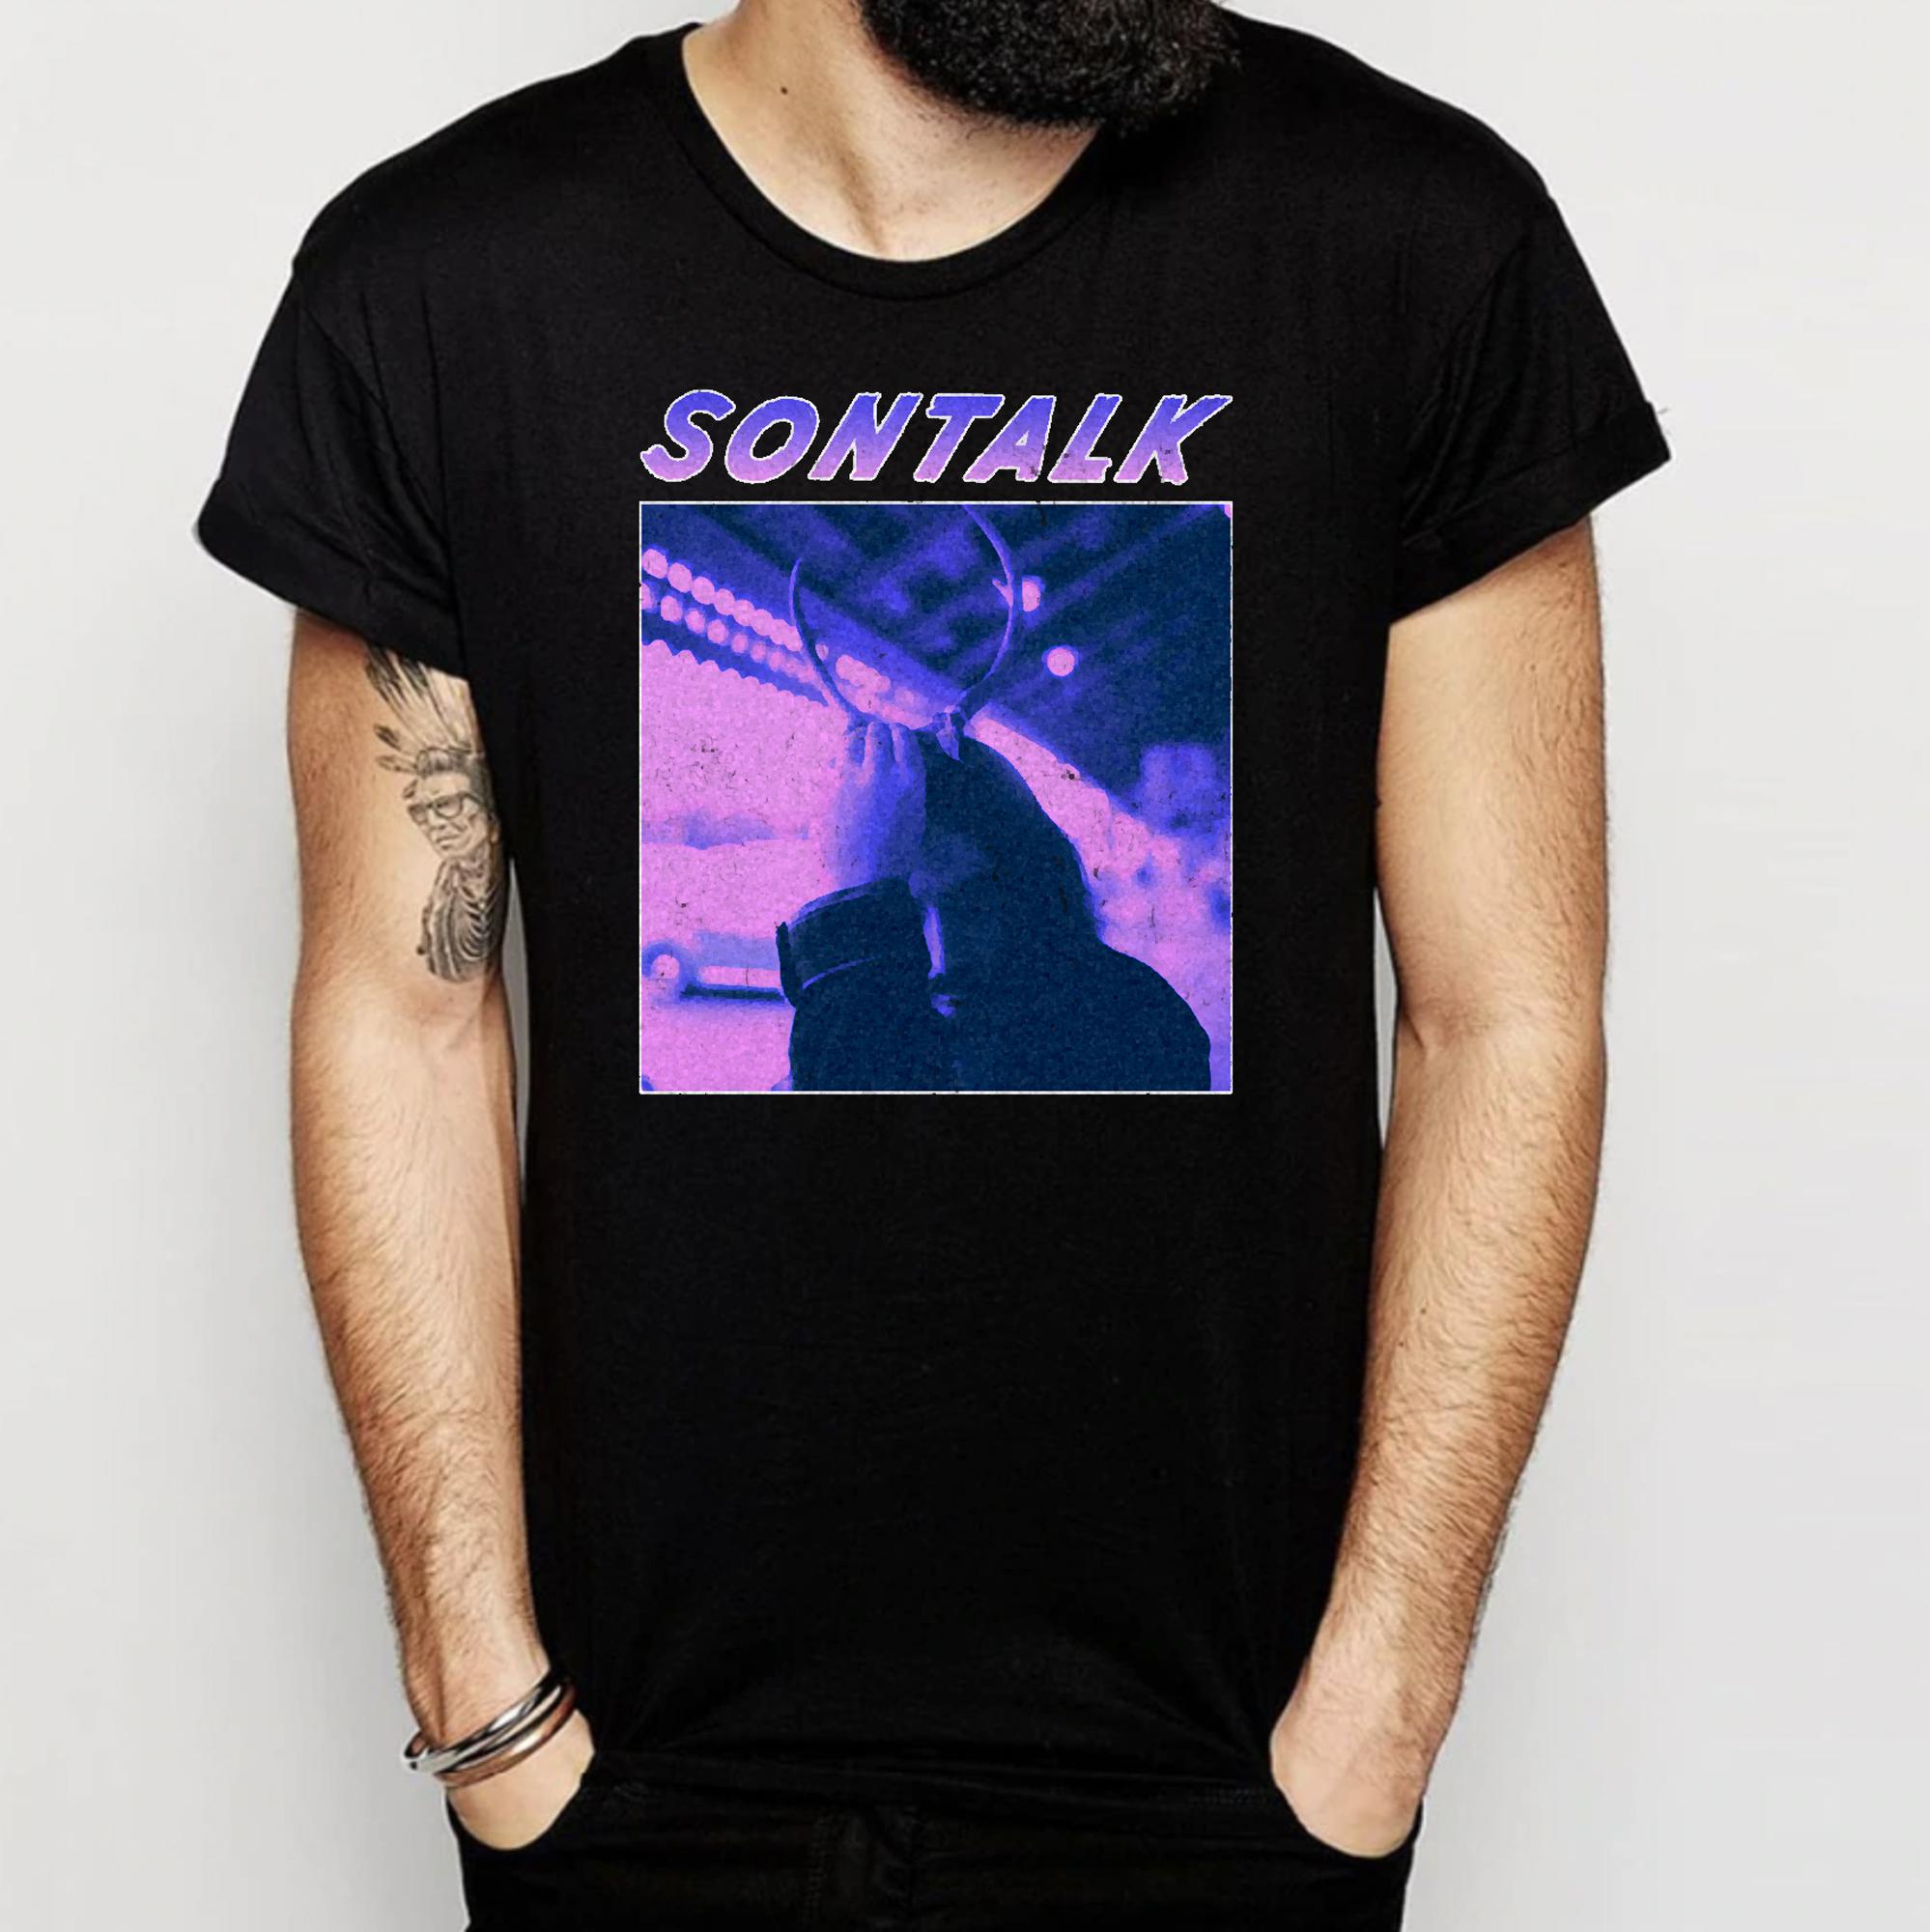 sontalk shirt.jpg